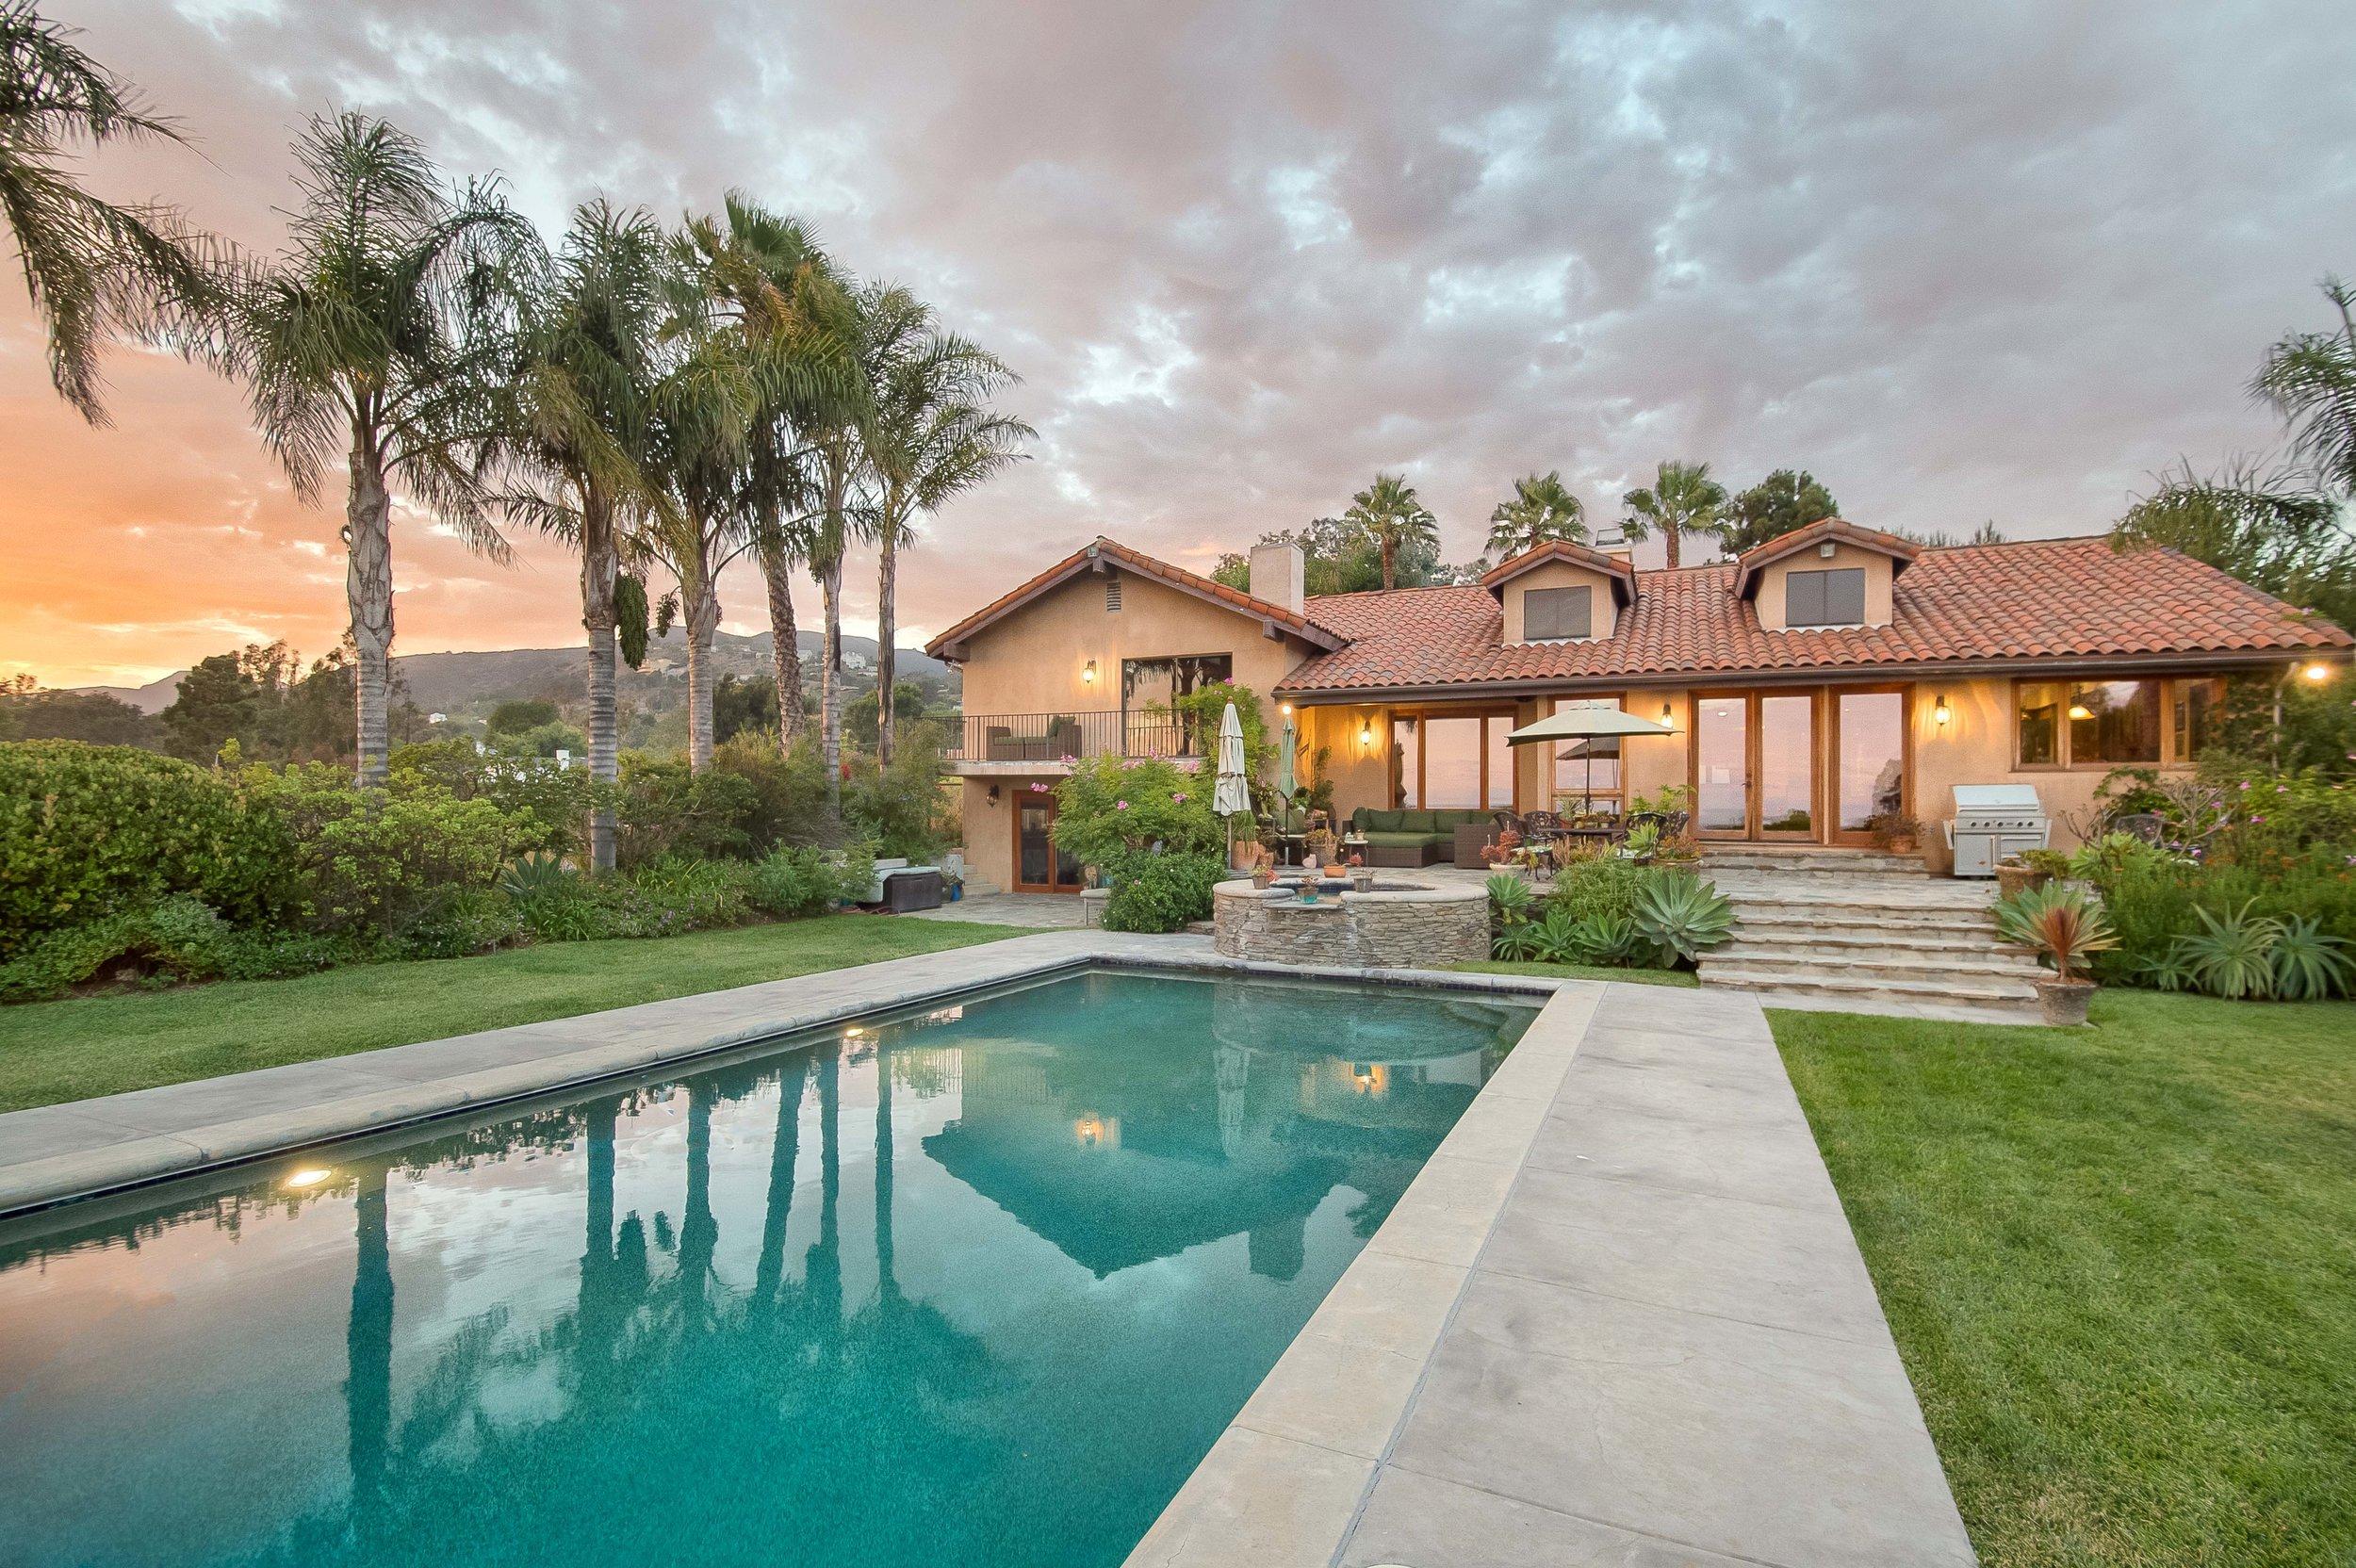 029 twilight pool 29660 Harvester Road Malibu For Sale The Malibu Life Team Luxury Real Estate.jpg